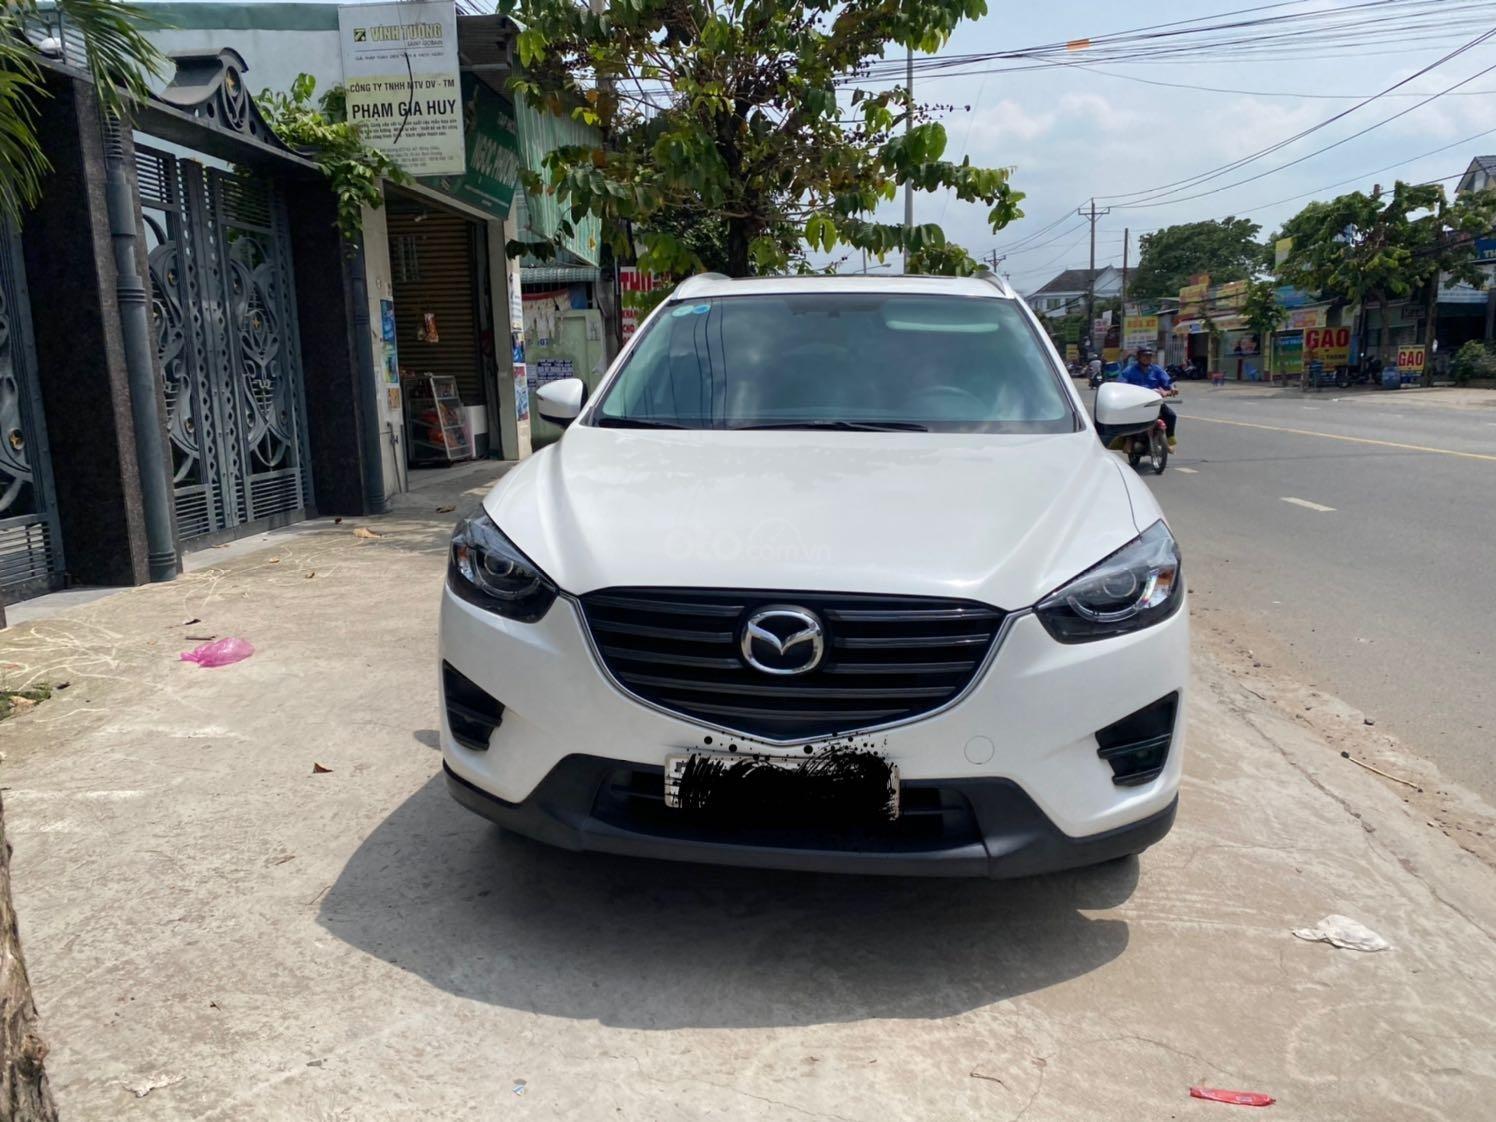 Cần bán xe Mazda CX 5 đăng ký 2016, màu trắng ít sử dụng, giá tốt 708 triệu đồng (1)